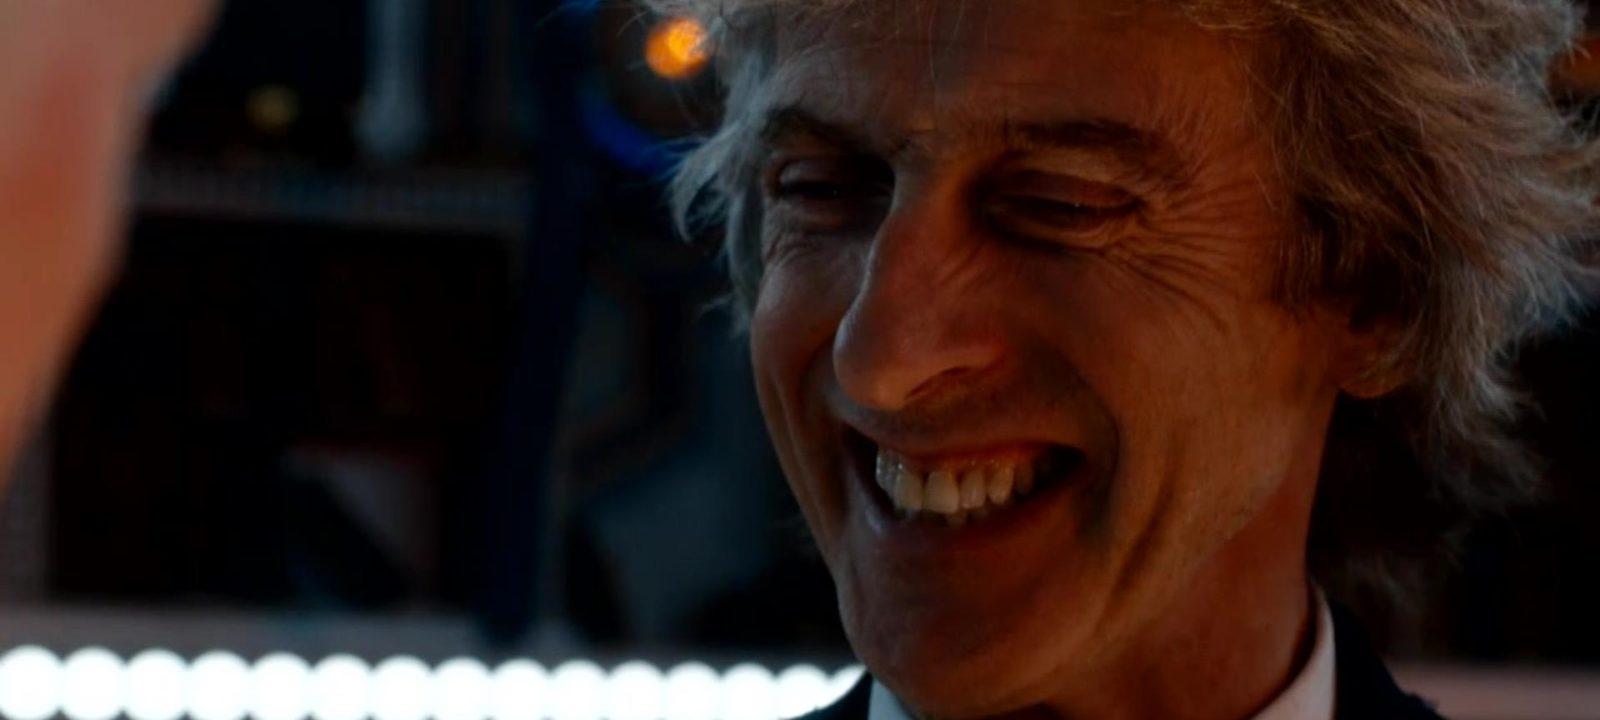 Doctor_Who_Christmas_2017_Coming_this_Christmas_YouTubePreset_1920x1080_1098385987959